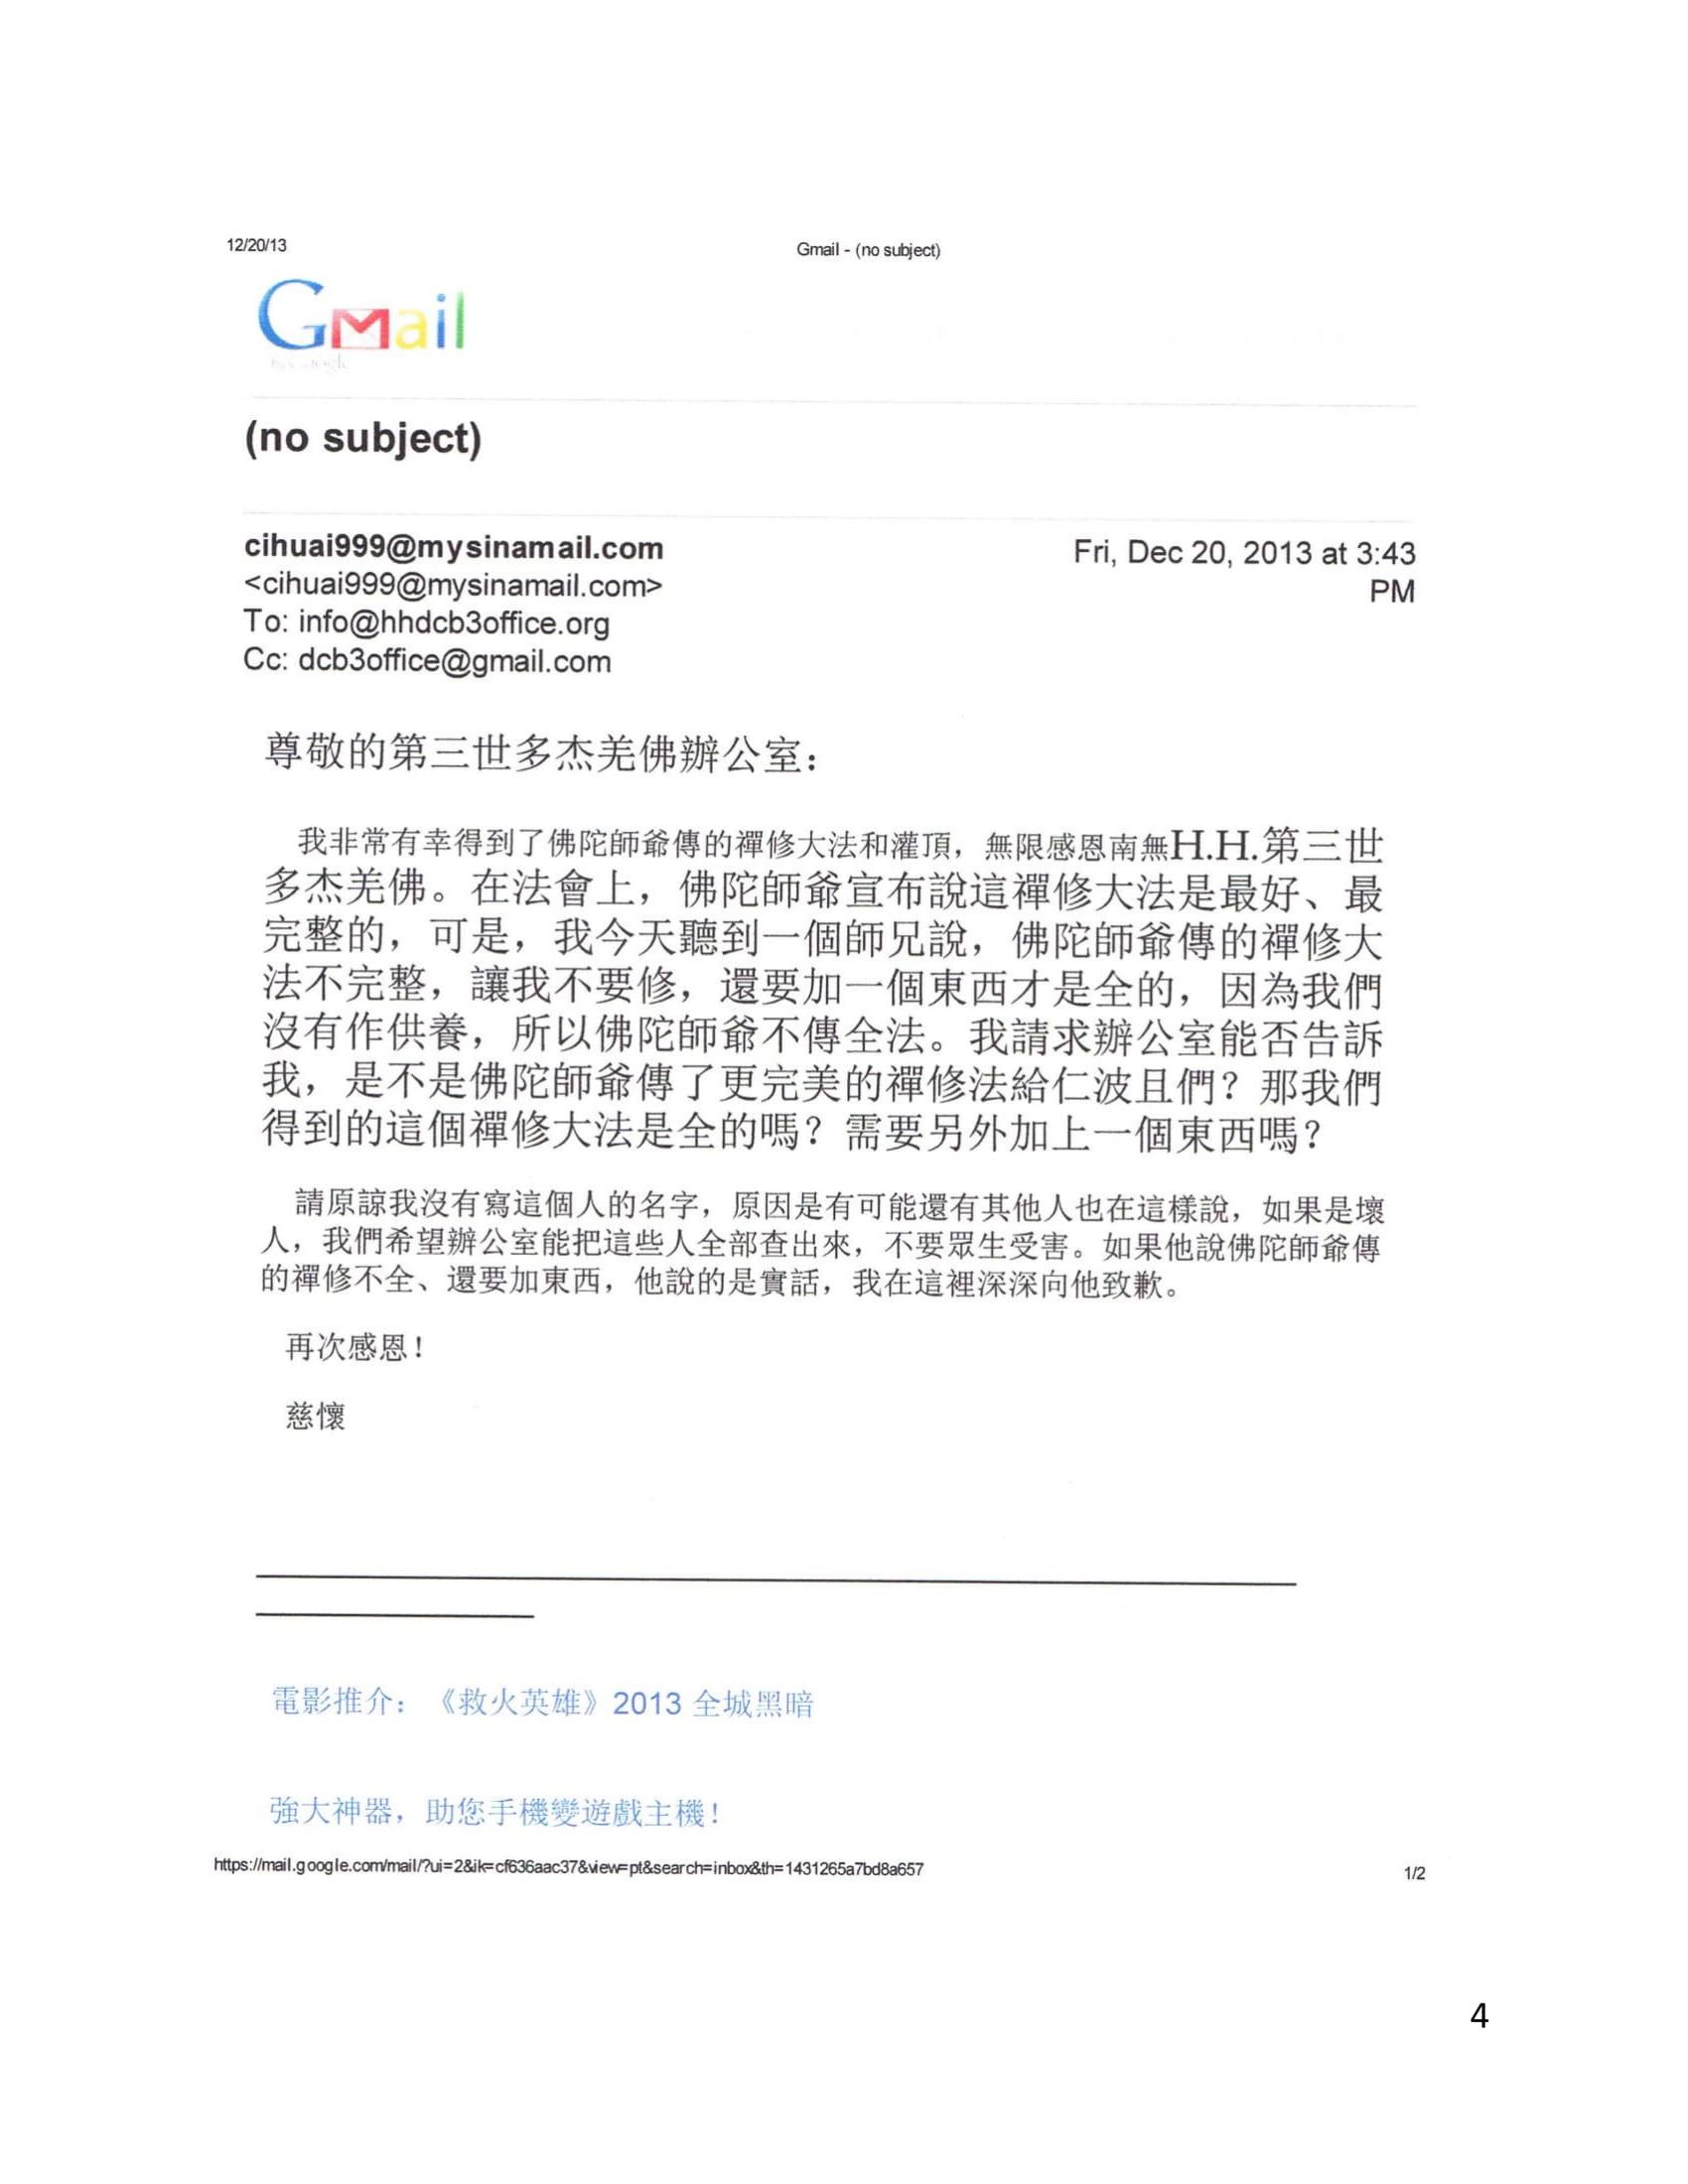 第三世多杰羌佛辦公室第三號來函印證-向辦公室請求印證的來信原文